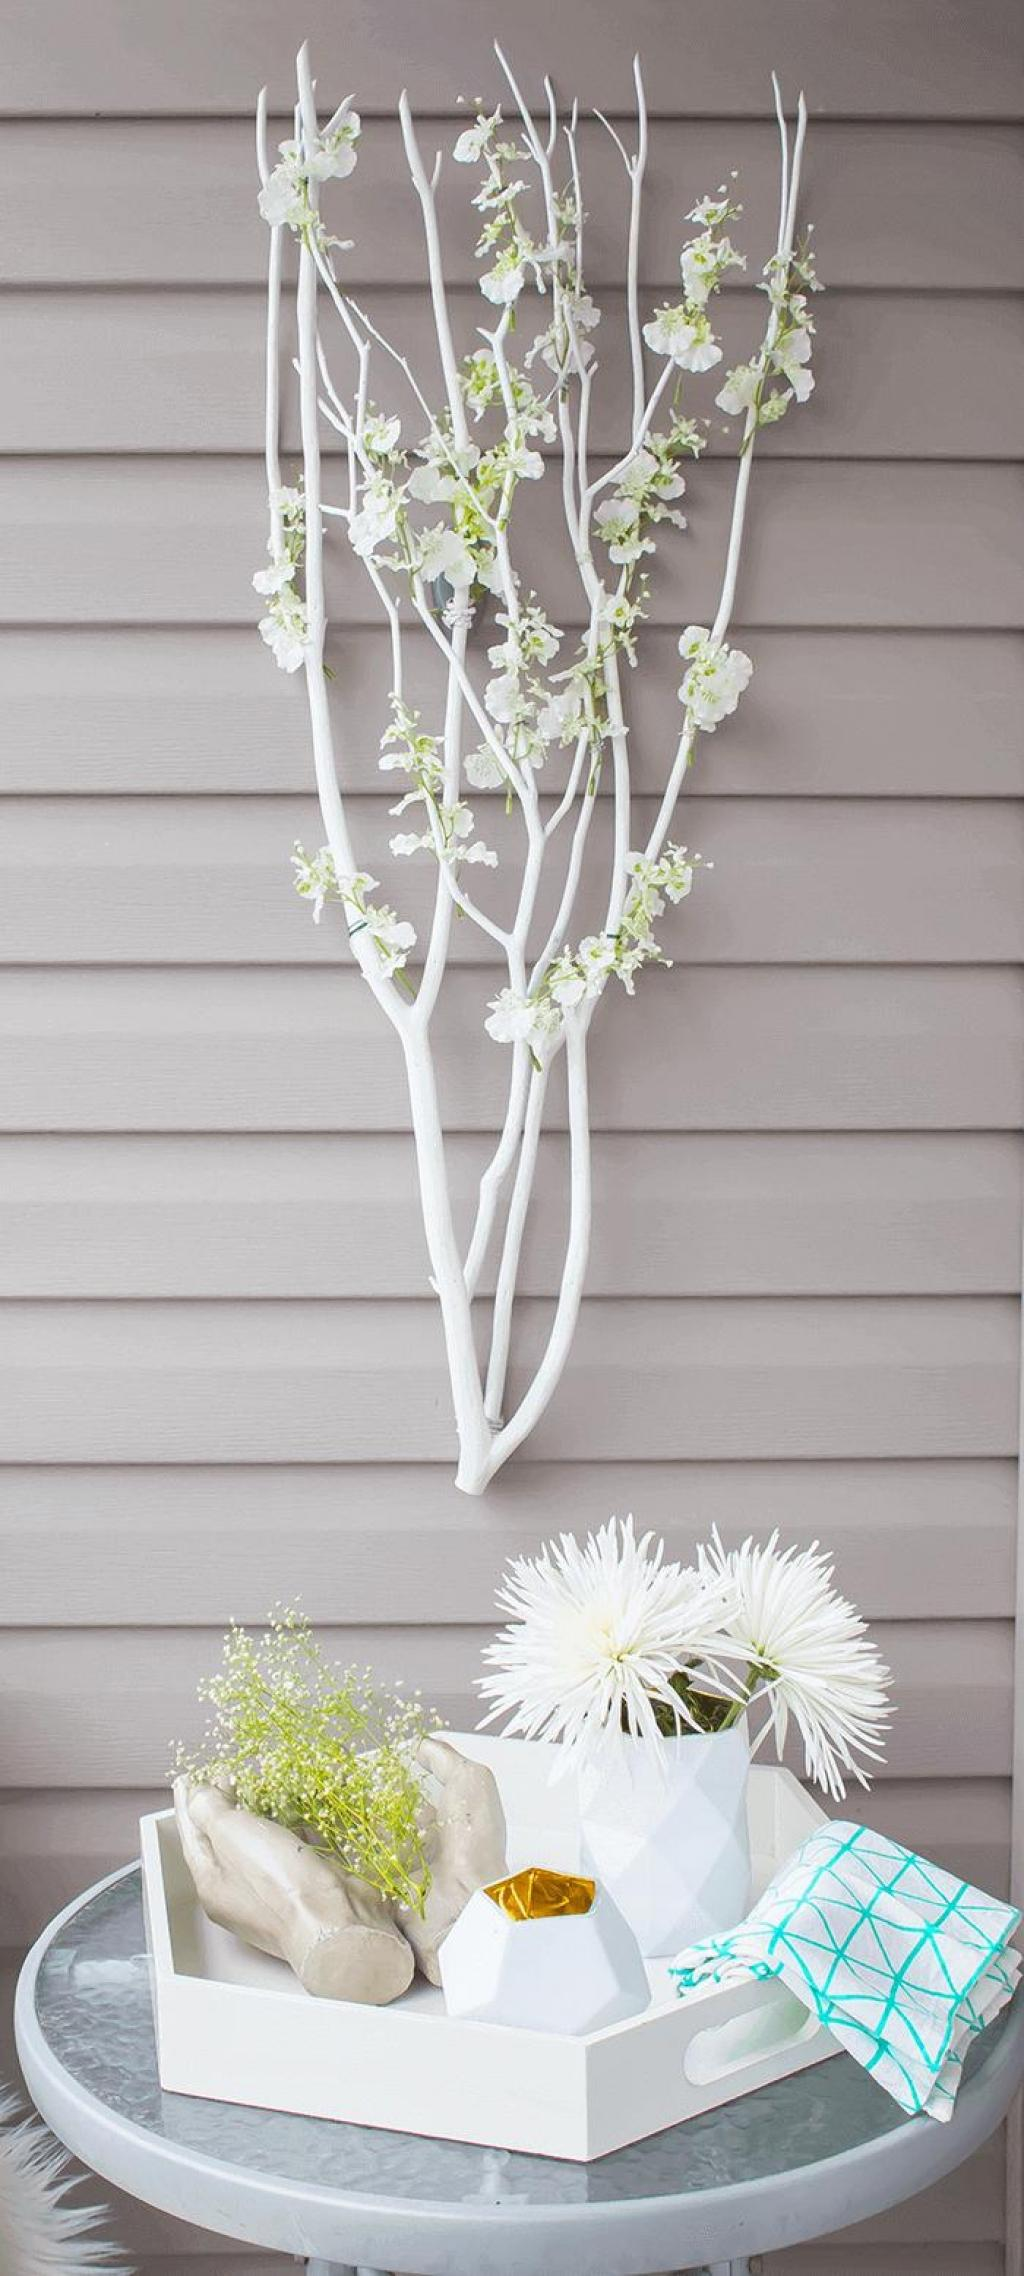 10 projets d co avec des branches pour accueillir le printemps dans votre int rieur page 2 sur. Black Bedroom Furniture Sets. Home Design Ideas